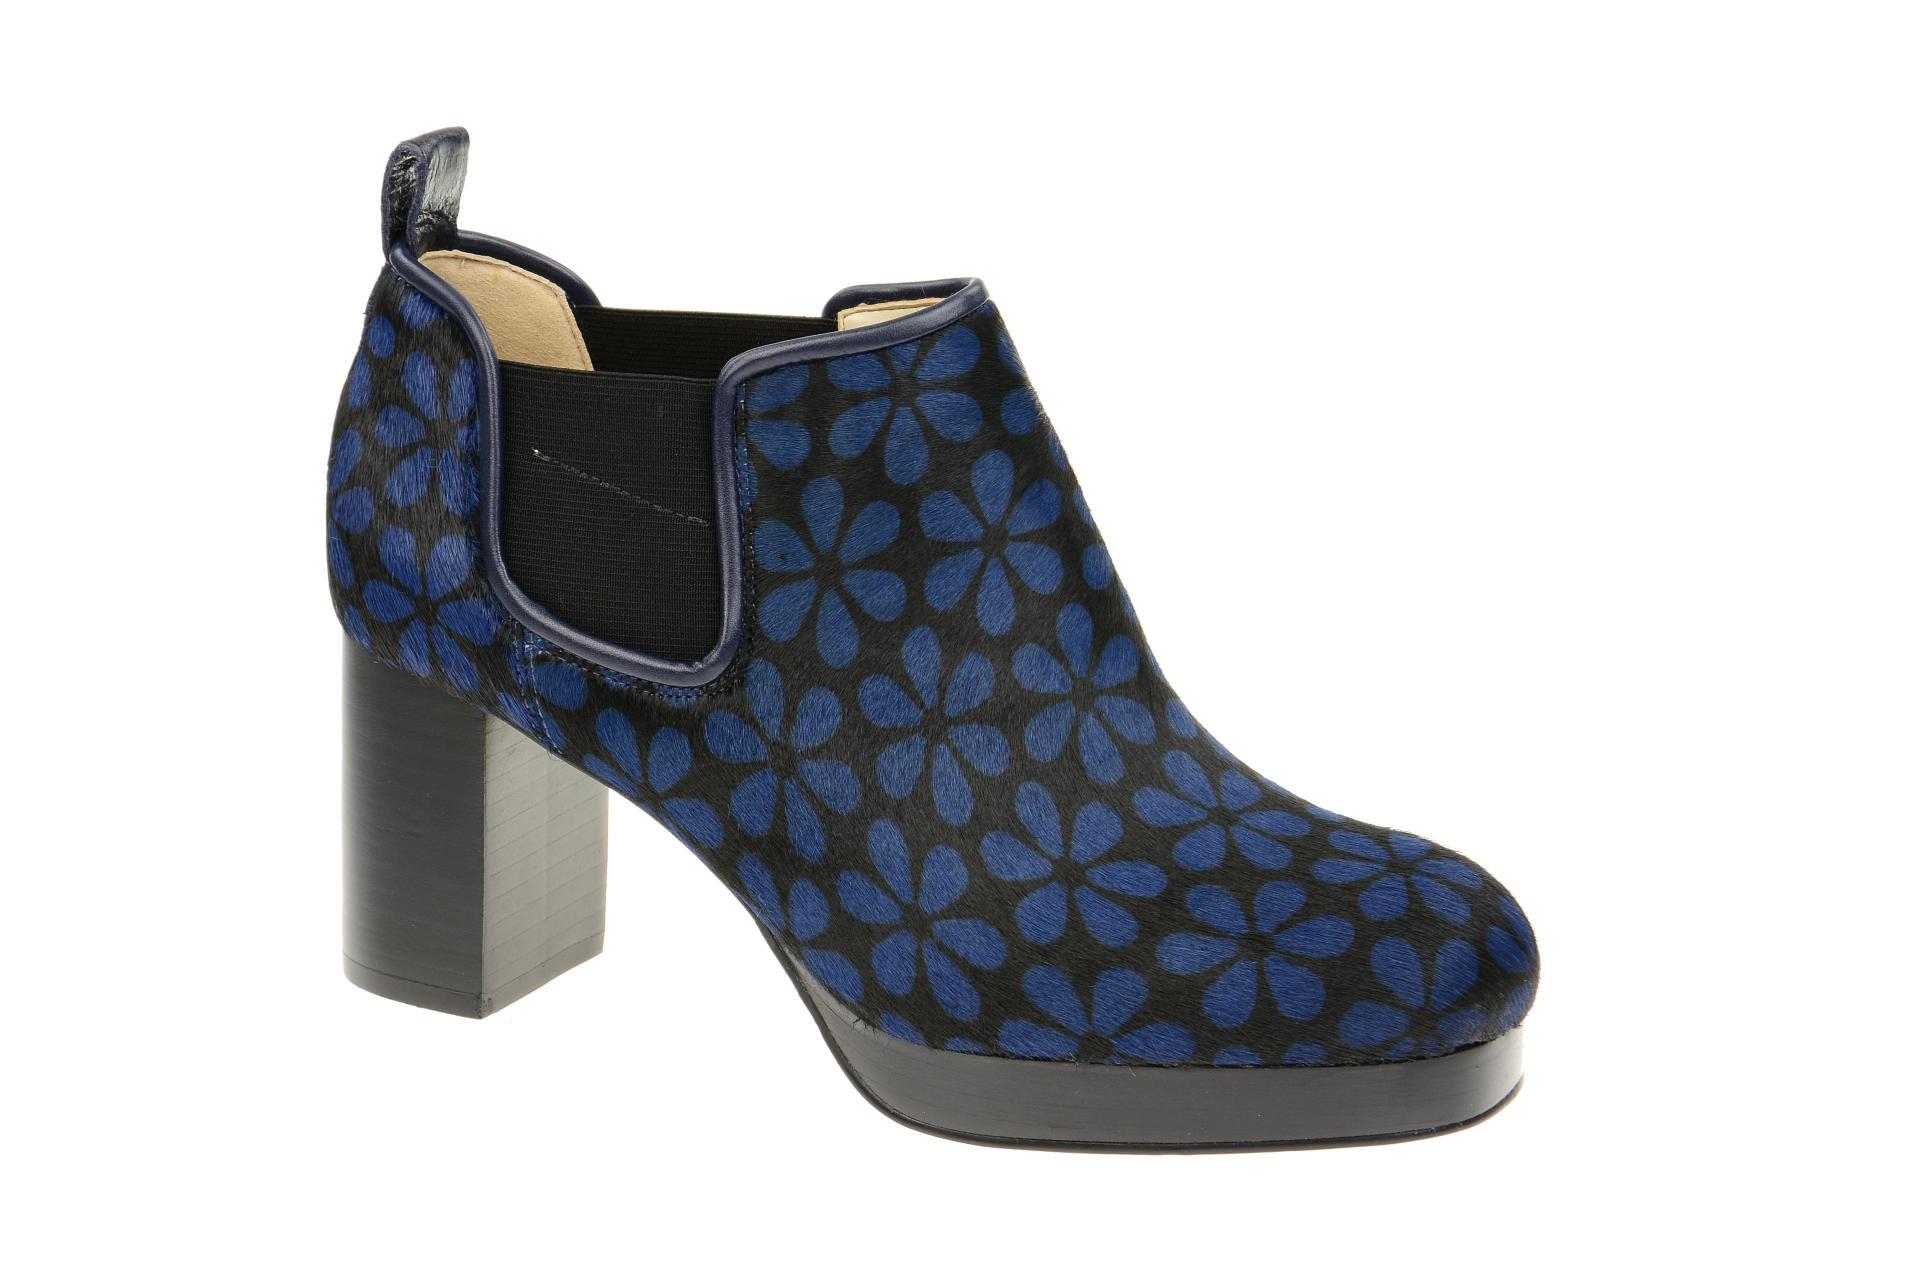 newest a240d 8df55 Details zu Clarks Schuhe ORLA AUDREY blau Damen Stiefeletten elegante  Stiefelette 26113425